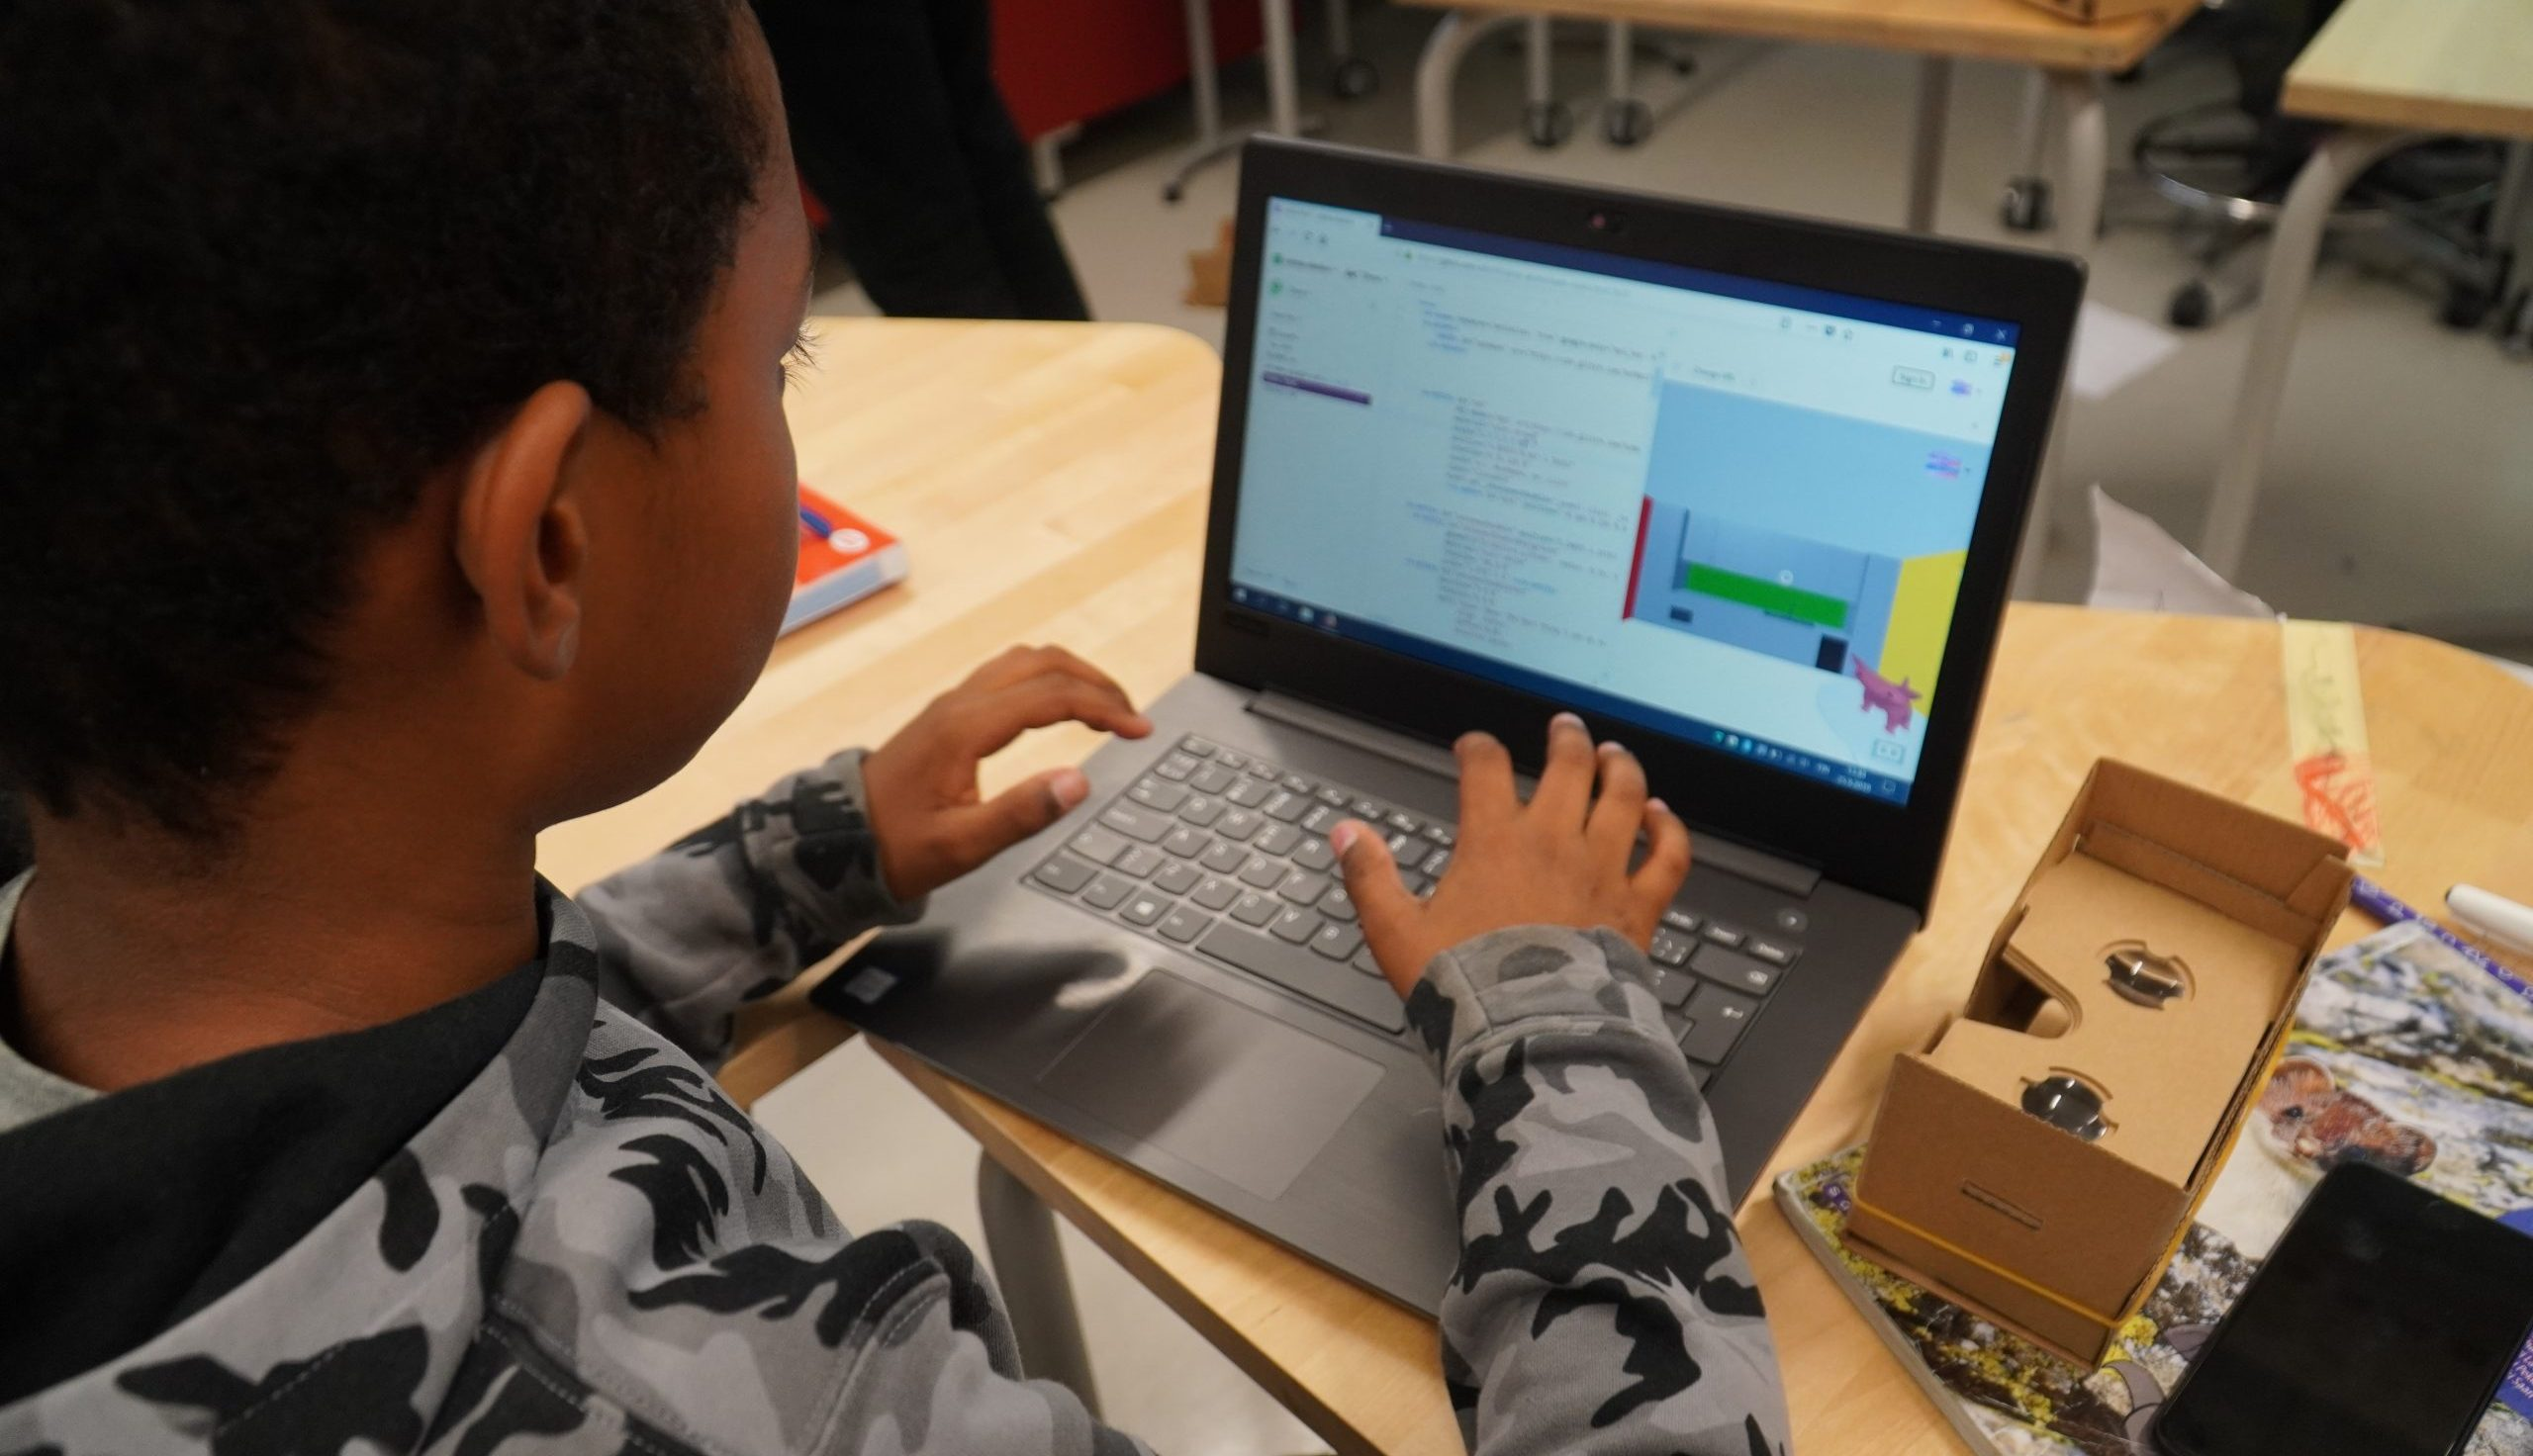 Oppilas kokeilee tietokoneella koodin muokkaamista, pöydällä virtuaalitodellisuuslasit